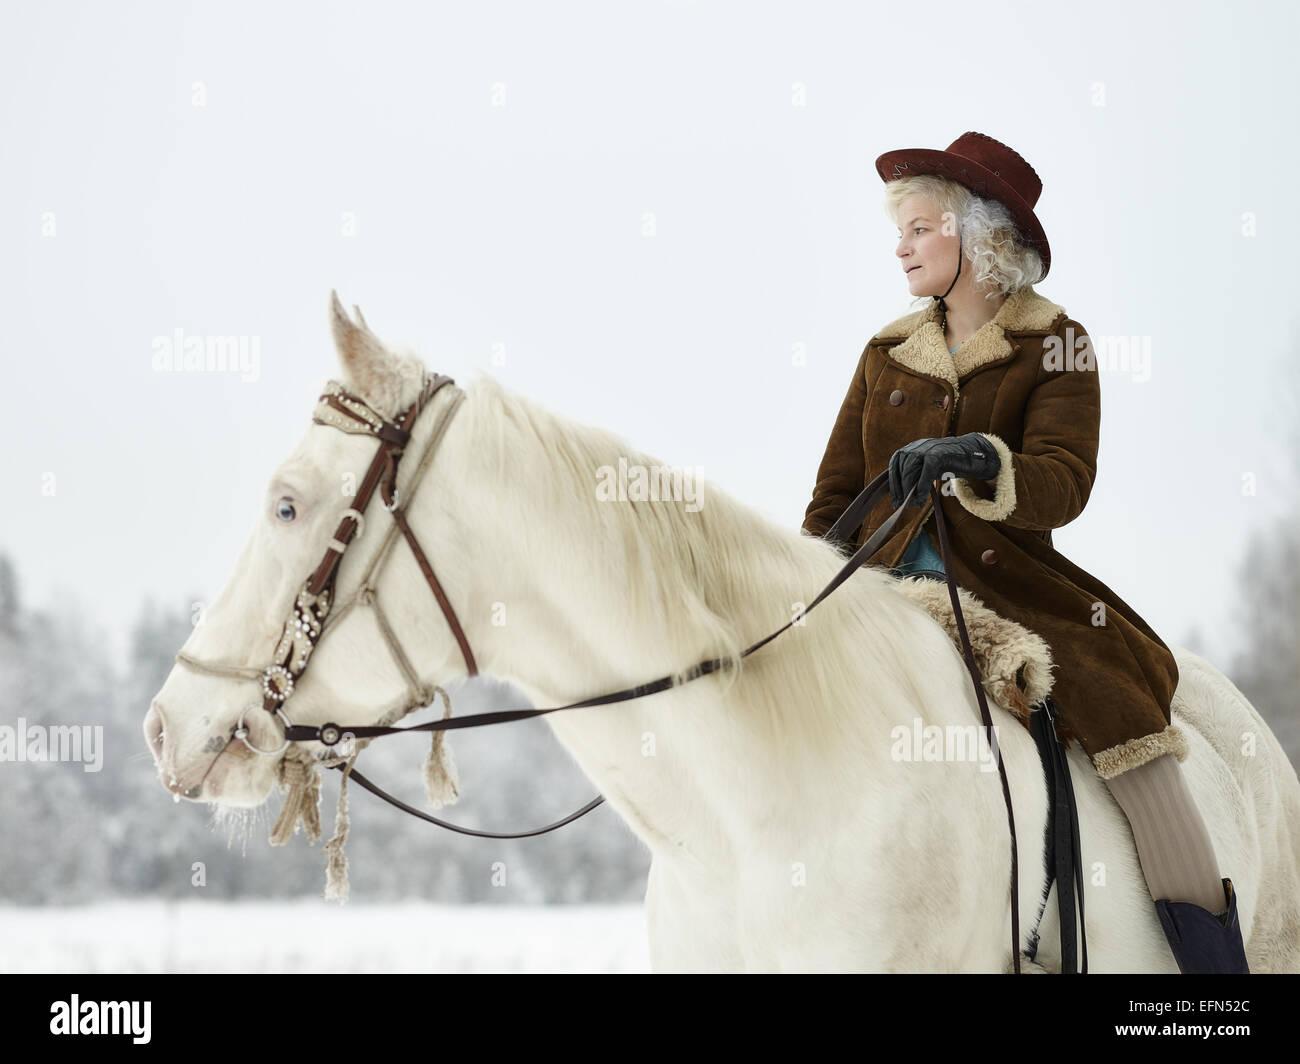 Attraktive Frau mit Winterjacke und Hut, sie auf einem weißen Pferd Stockbild